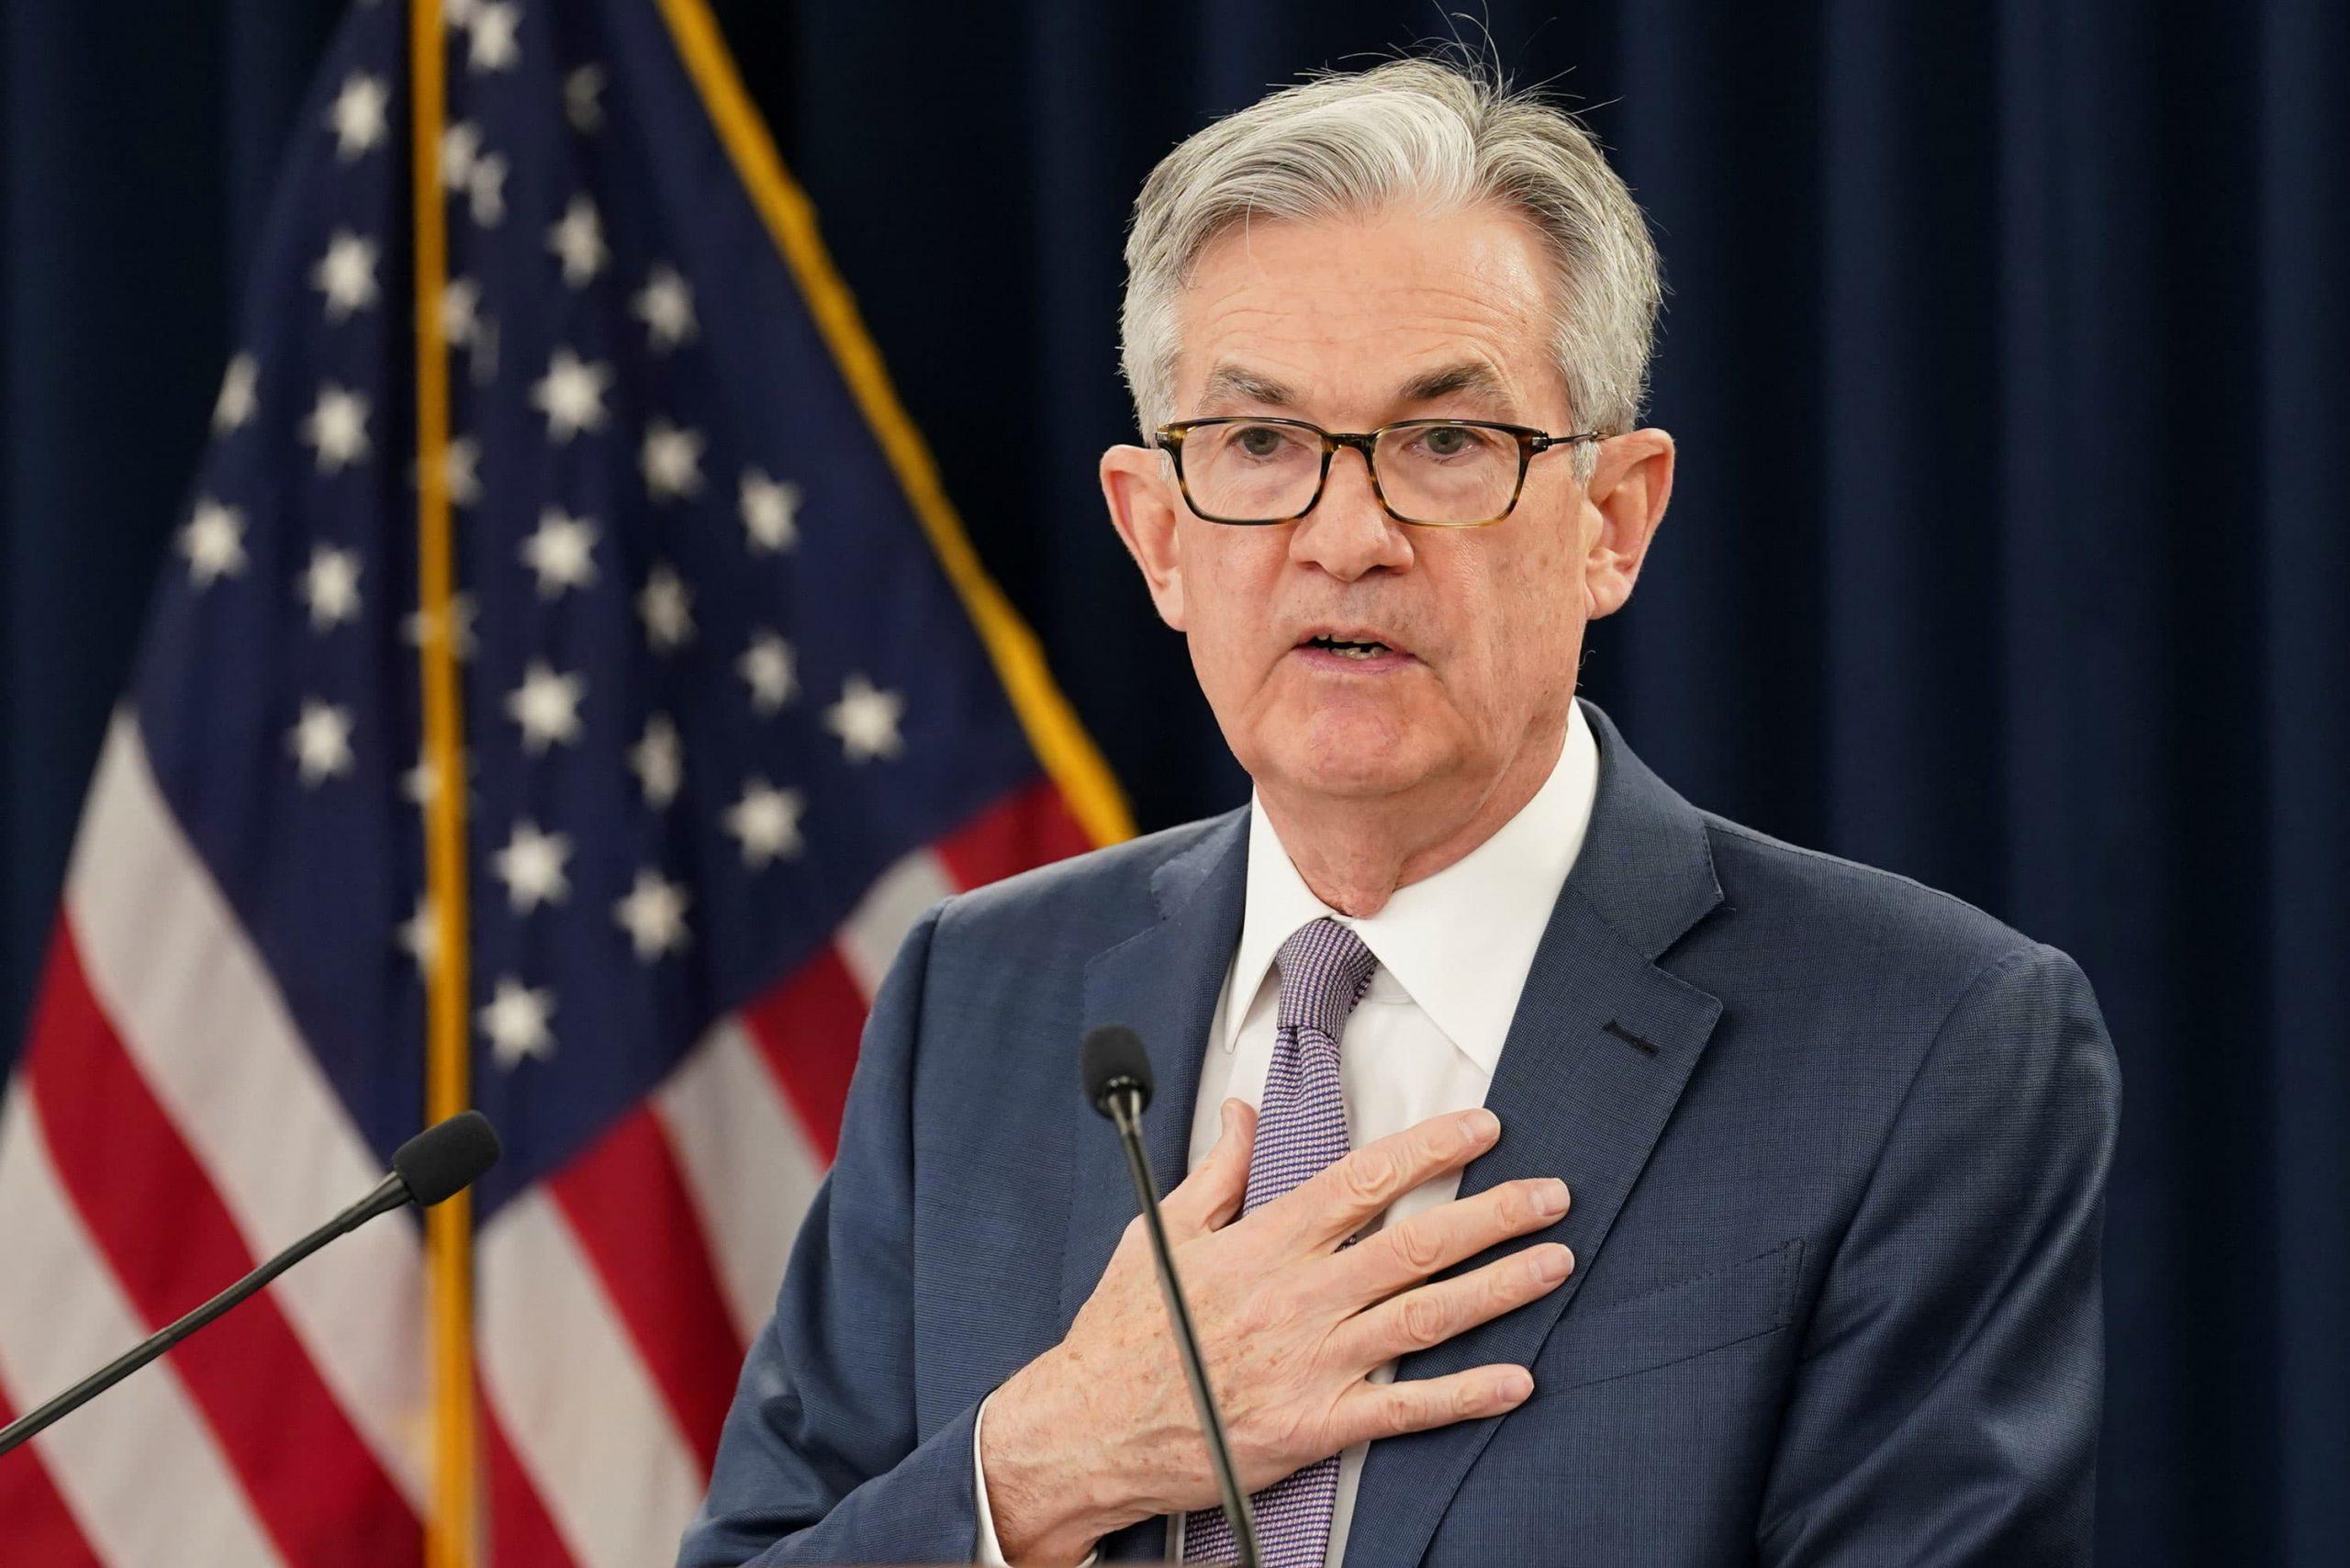 La Fed puede combatir la inflación, pero puede tenerlo a costa del crecimiento futuro